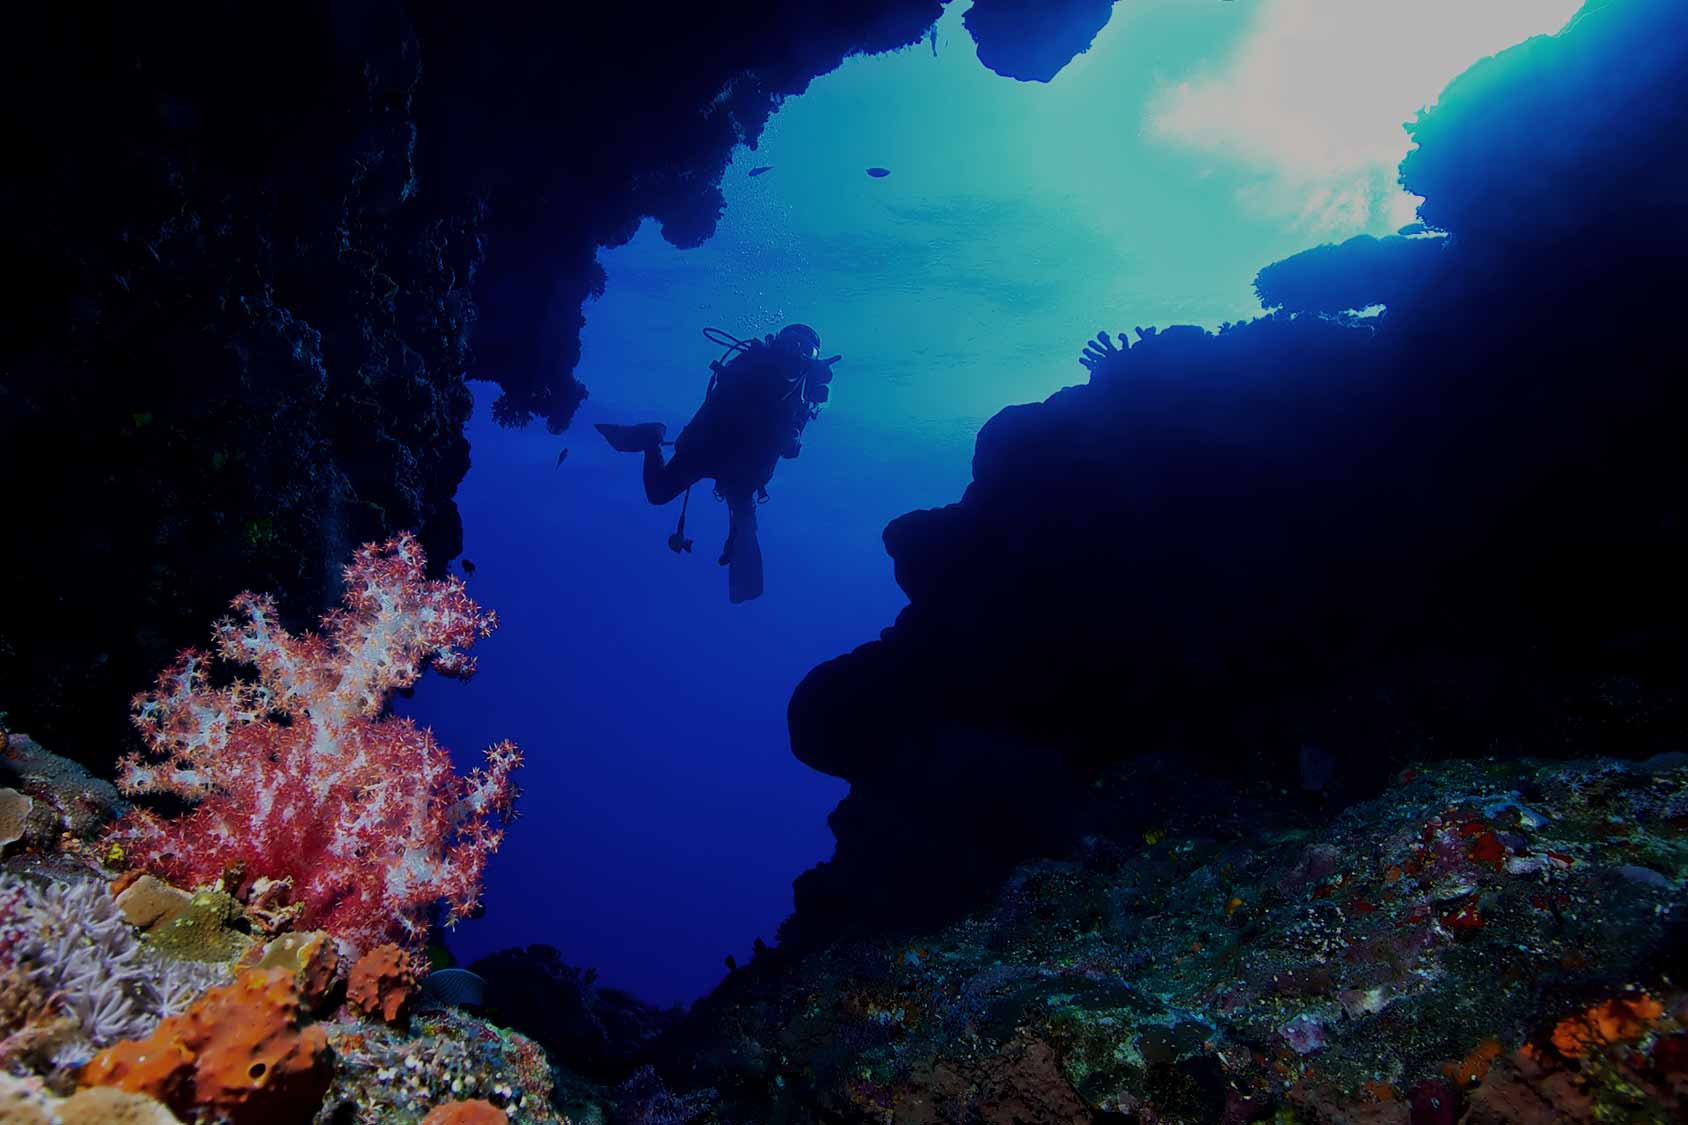 Padi deep diver specialty course palawan divers - Padi dive sites ...